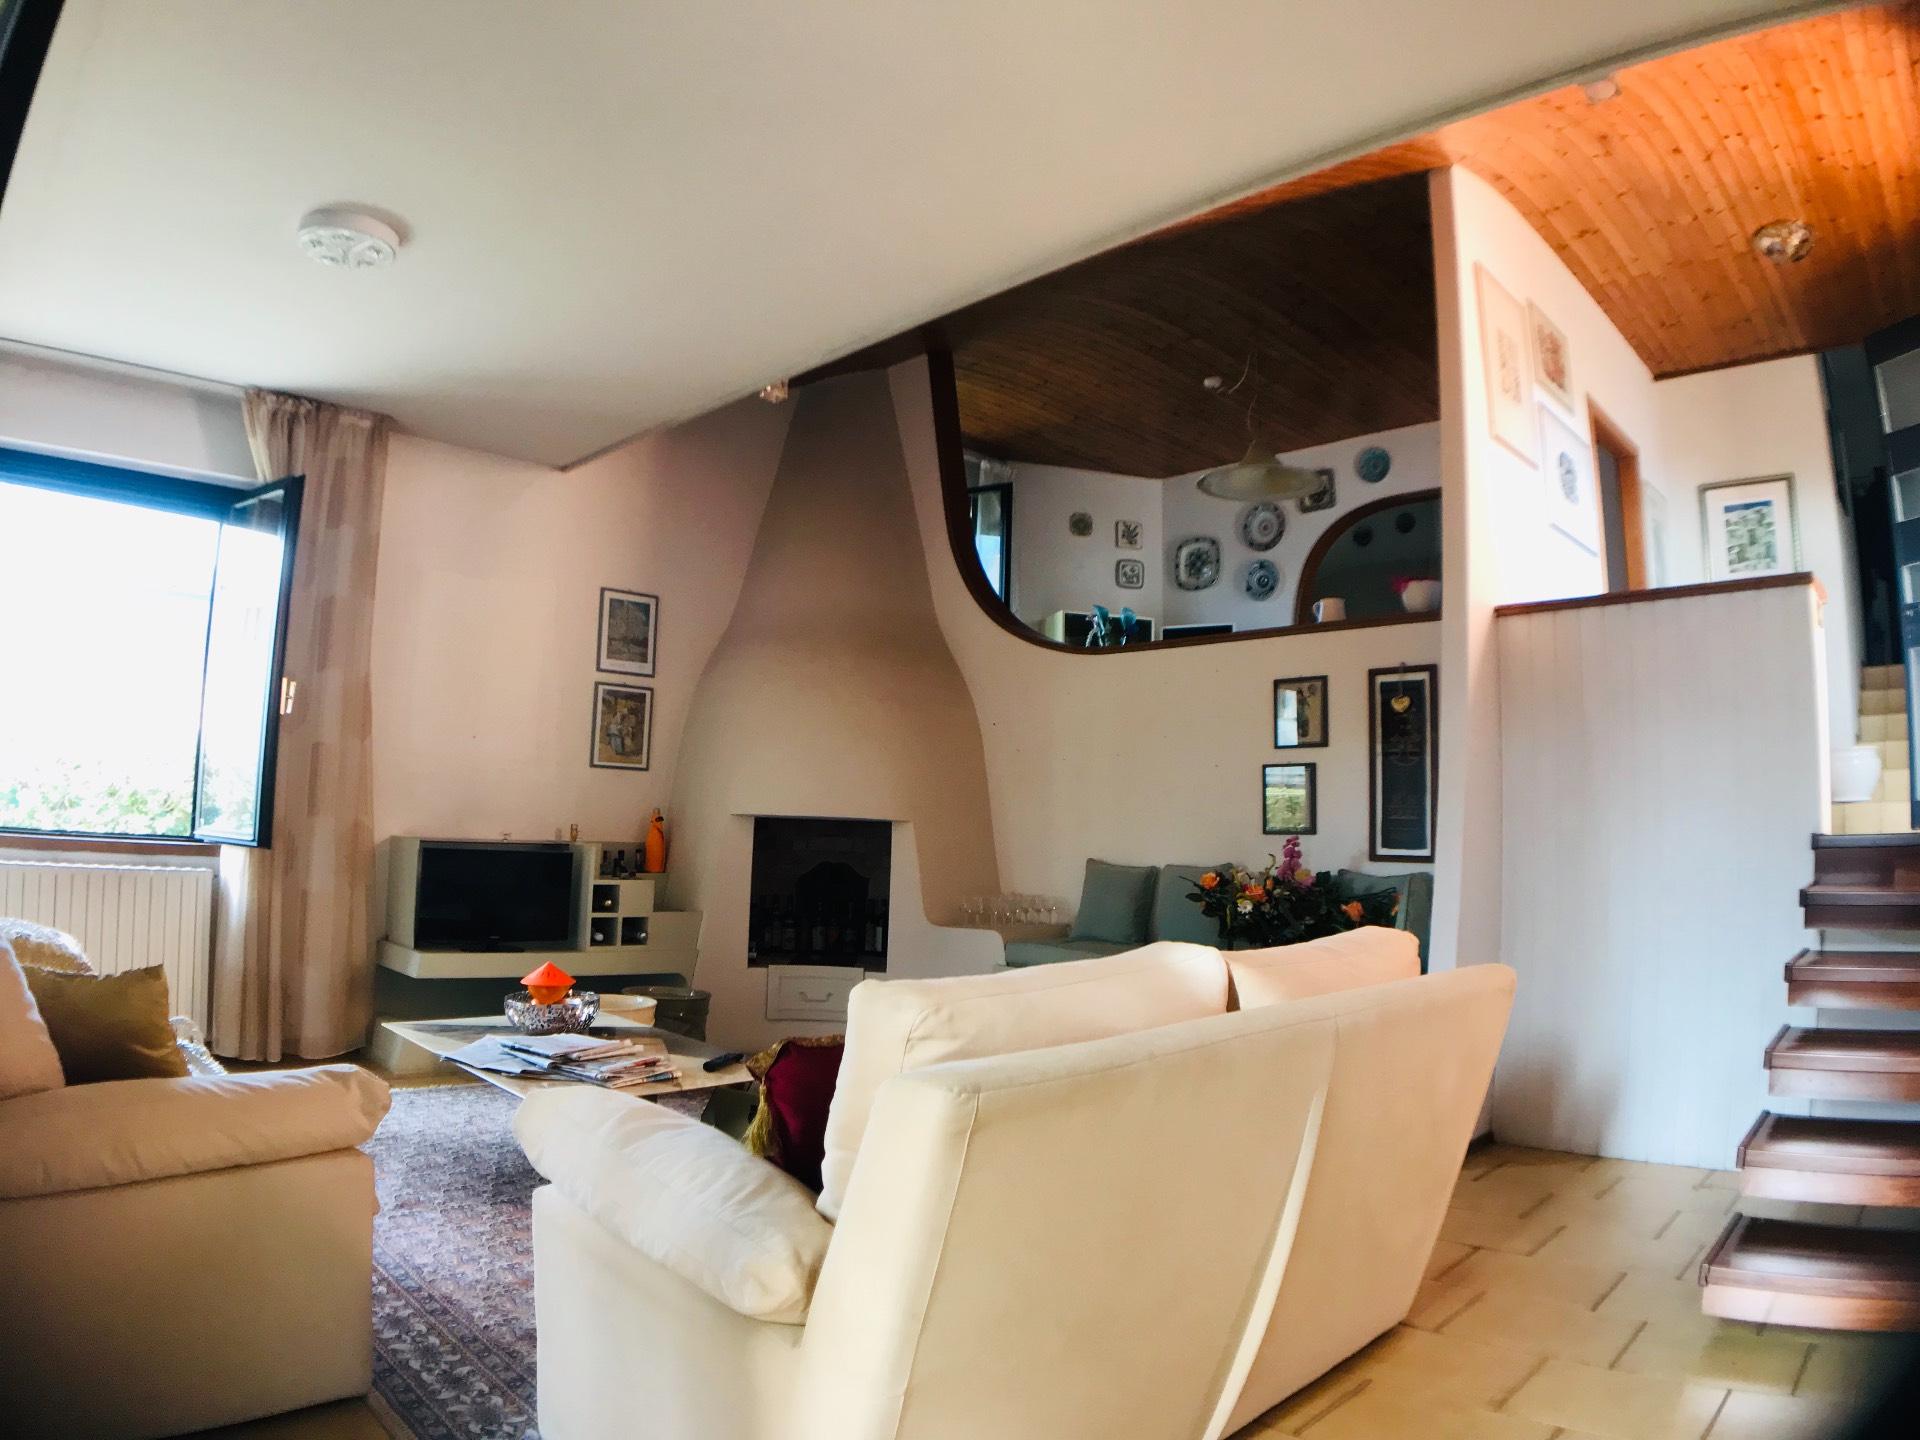 Camino Aperto Su Tre Lati putignano - pisa casa indipendente 150,00 mq € 380.000,00